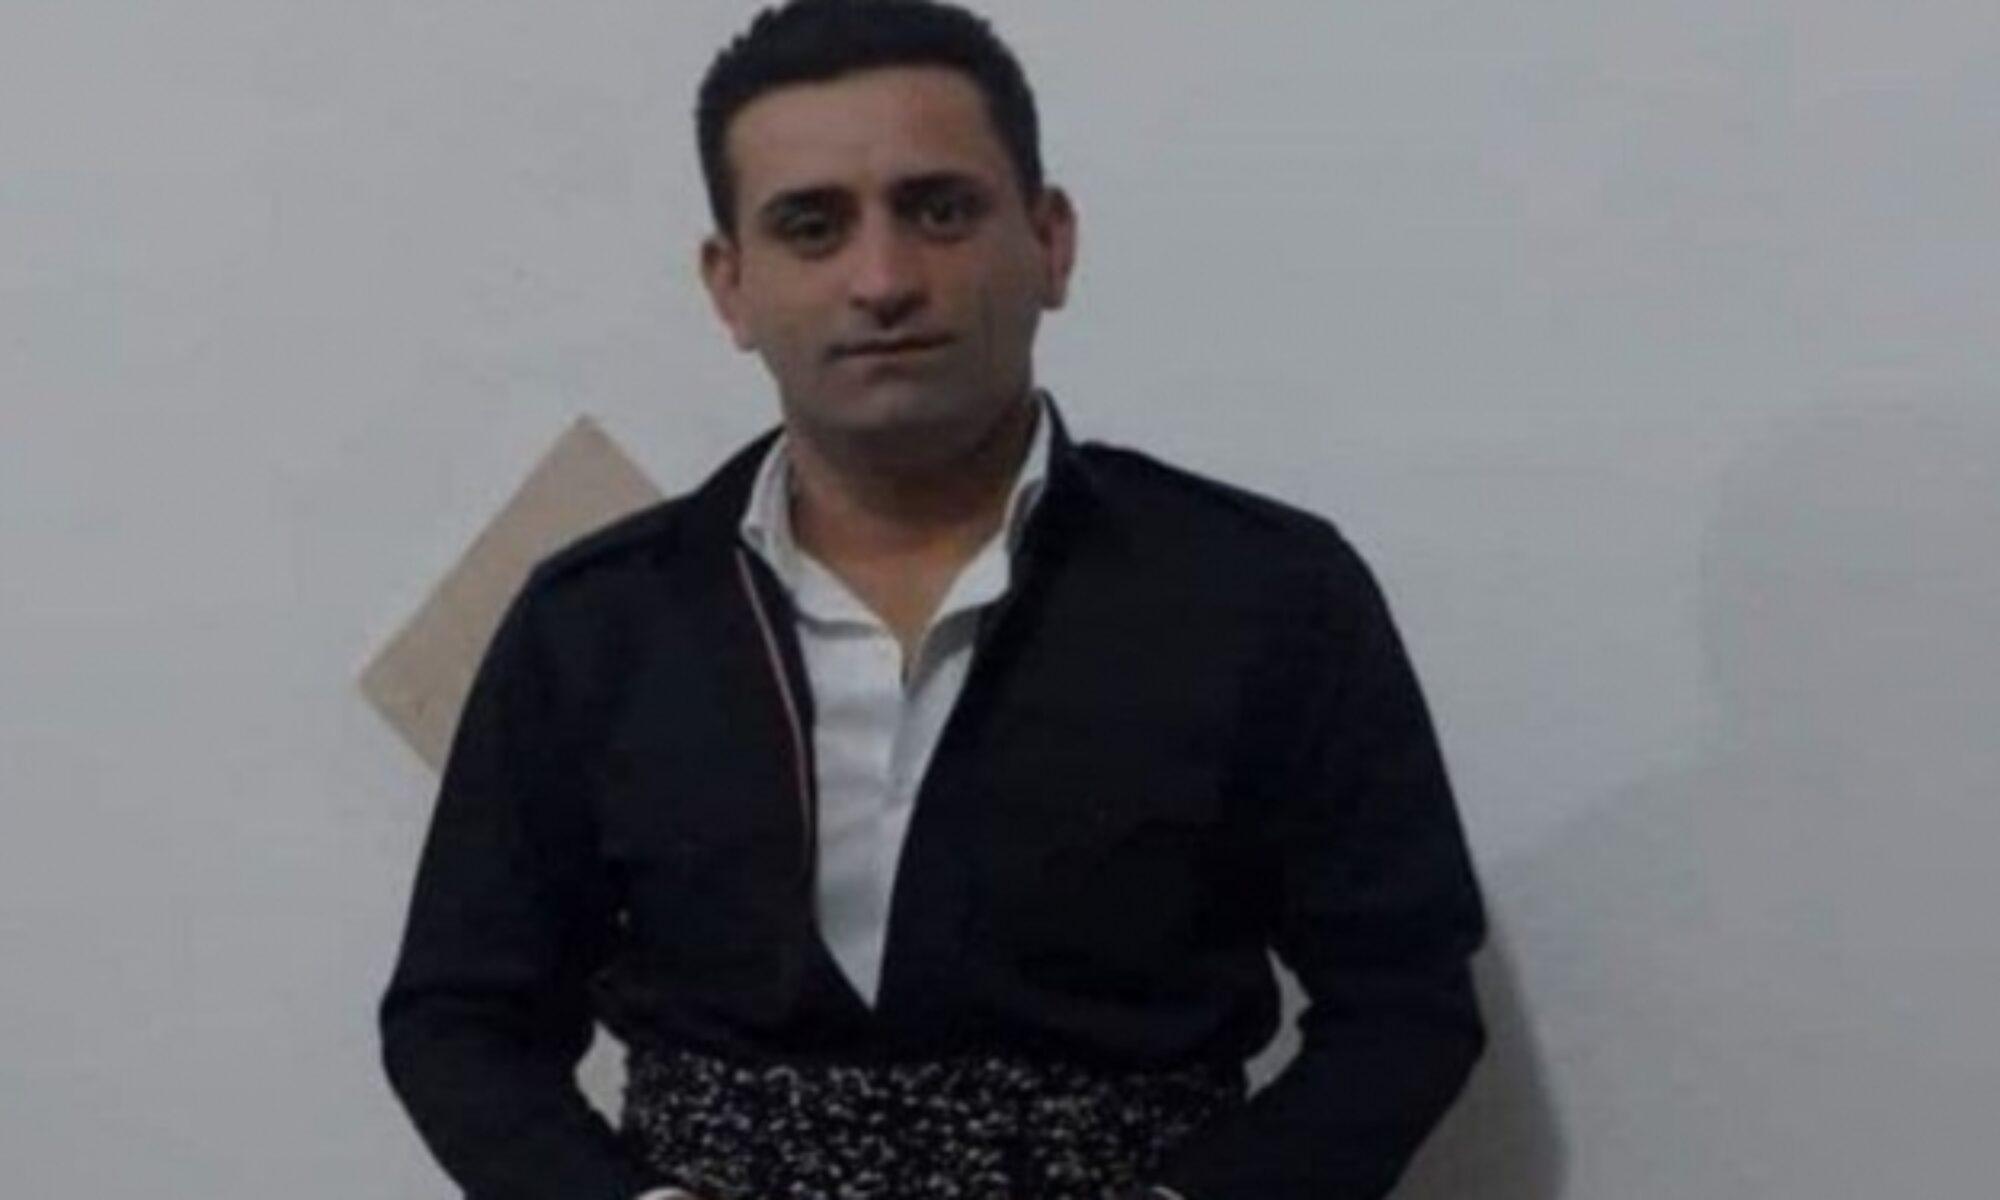 Urmiye: İran rejimi Kürt siyasi tutsağı işkence ile katletti